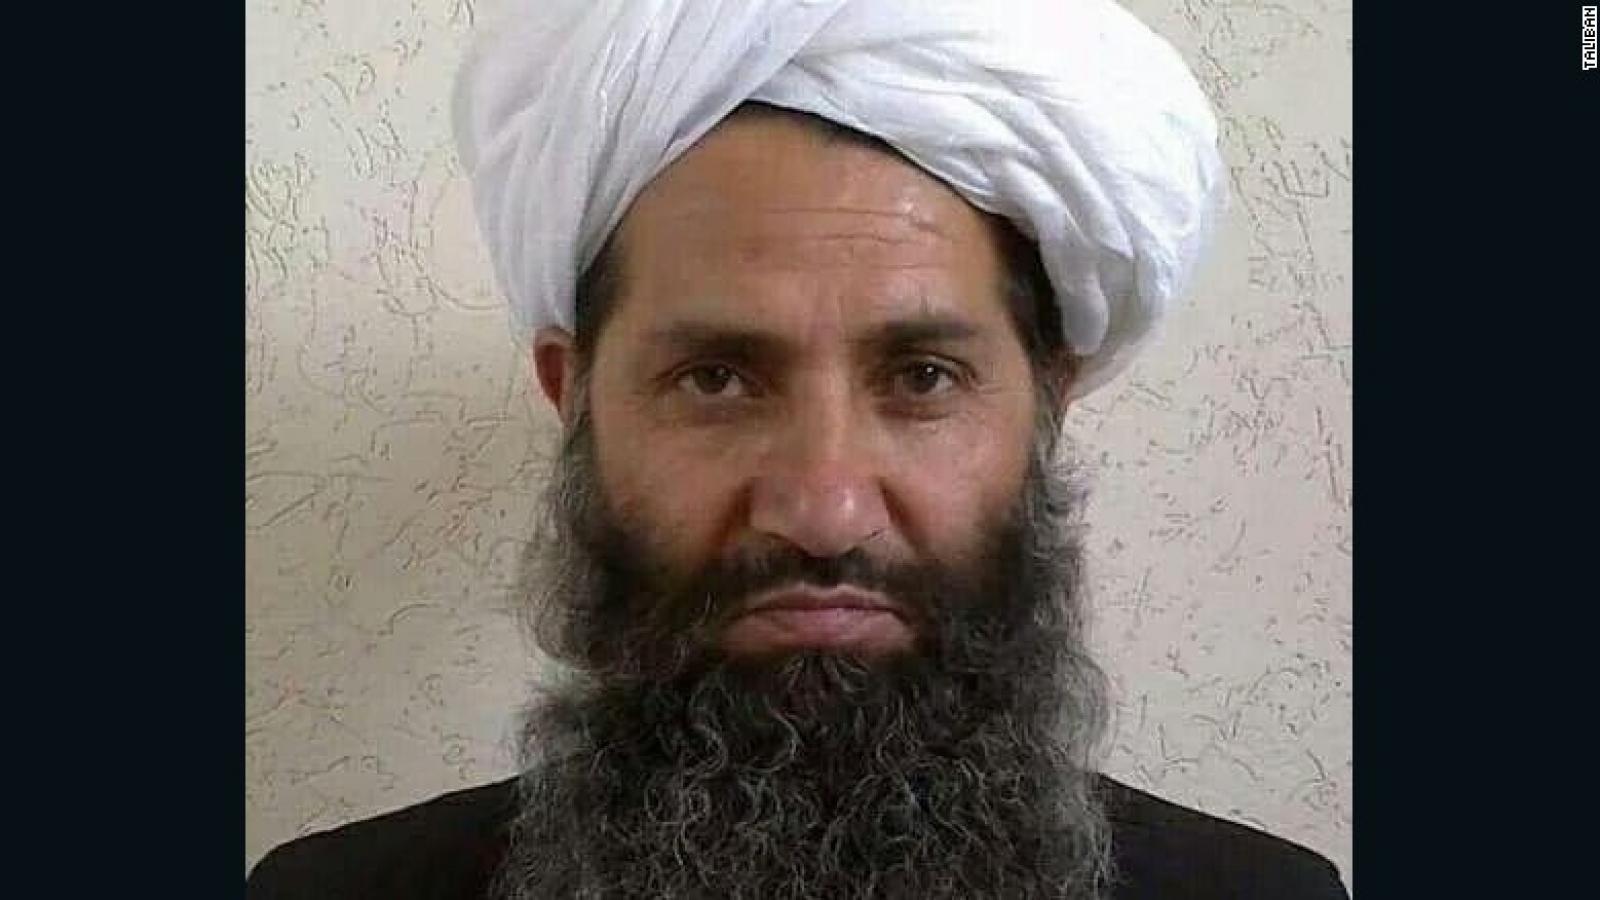 Nhiều đồn đoán liên quan đến hành tung bí ẩn của các thủ lĩnh Taliban